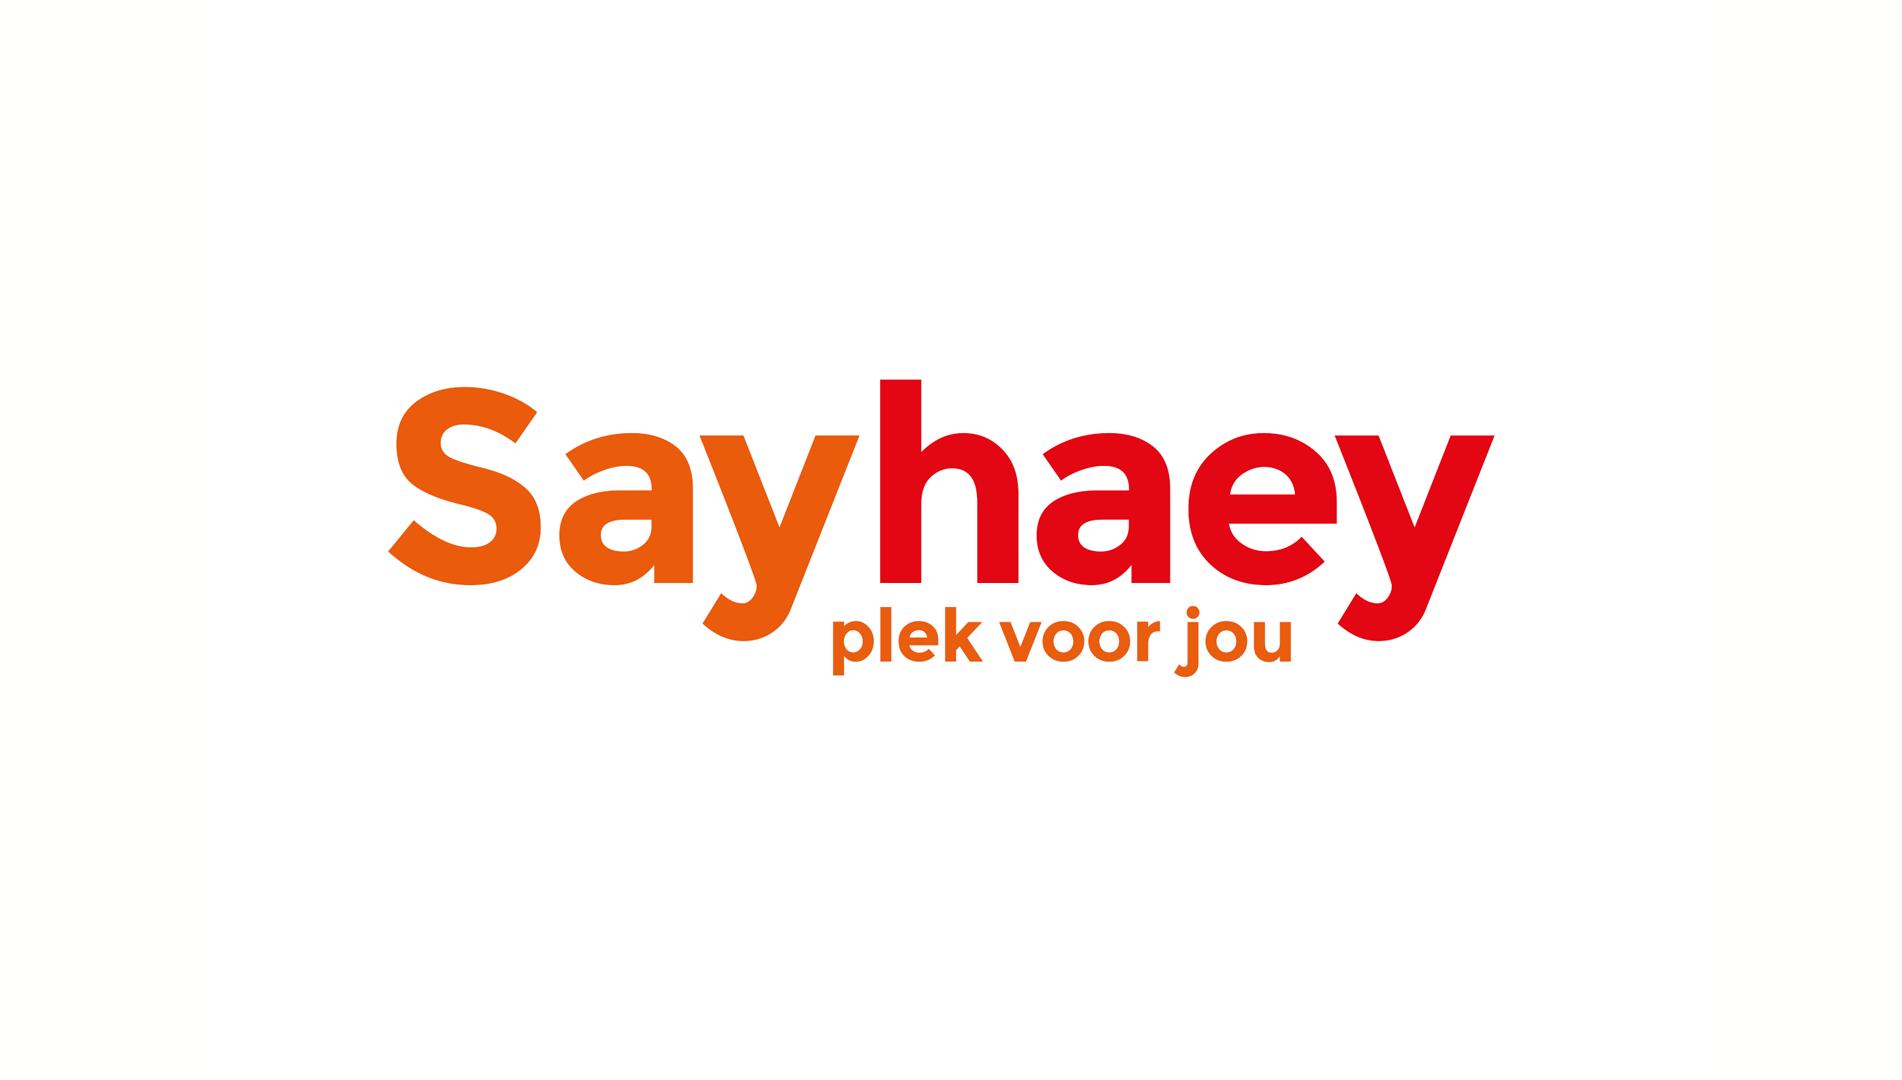 Sayhaey-regel-en-logodesign